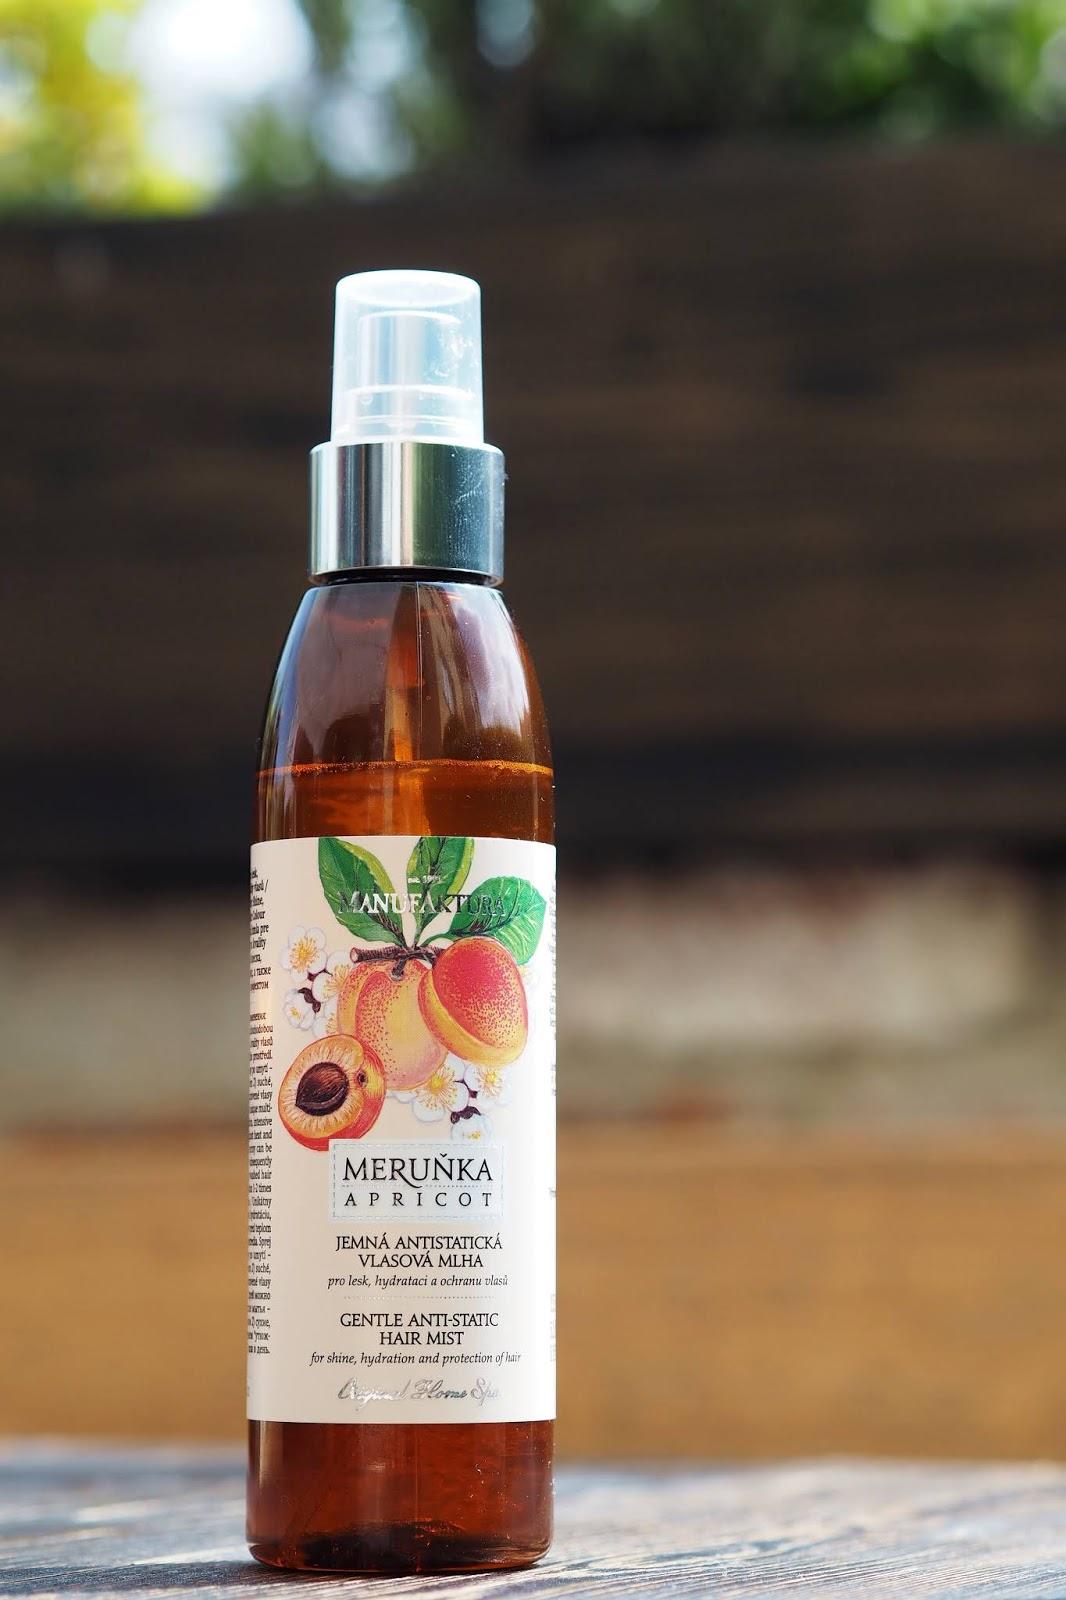 manufaktura Jemná antistatická mlha pro lesk, hydrataci a ochranu barvy a kvality vlasů recenze